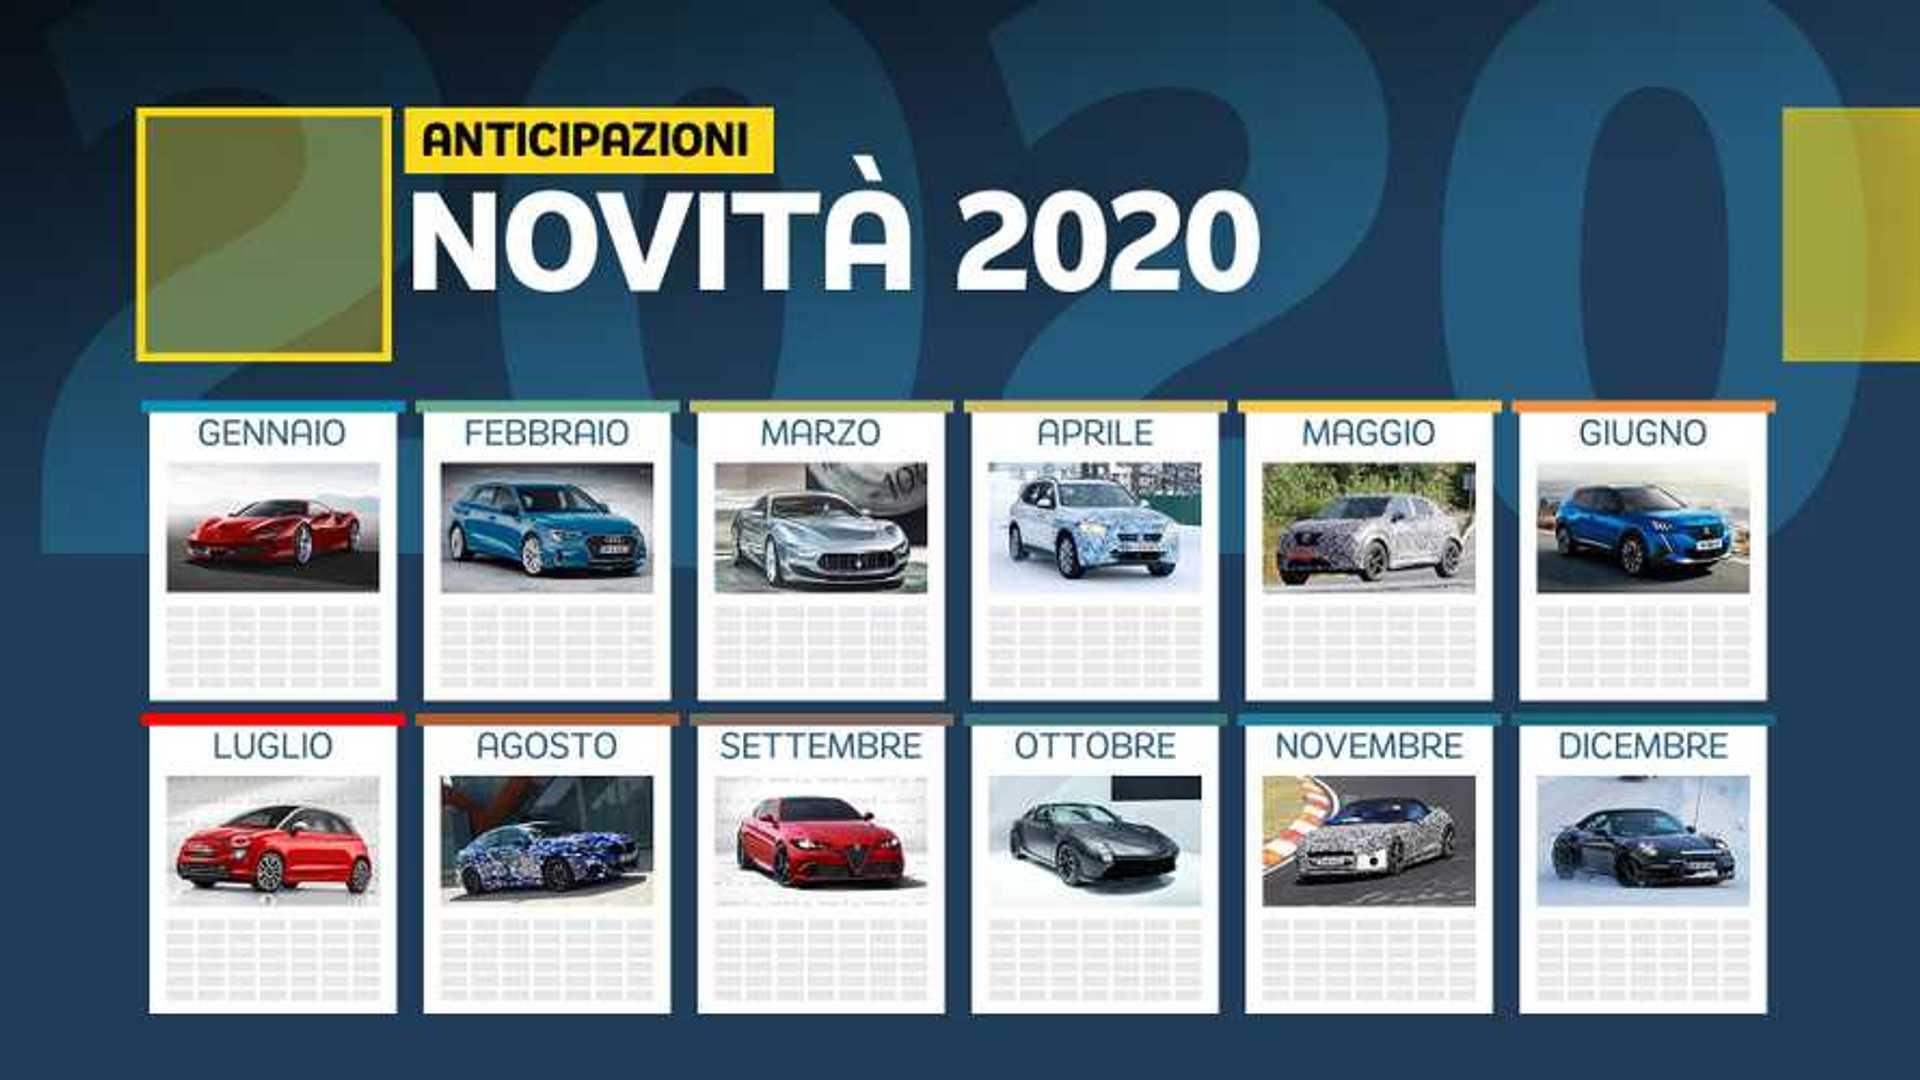 Calendario Mese Aprile 2020.Novita Auto 2020 Il Calendario Di Tutti I Modelli In Arrivo